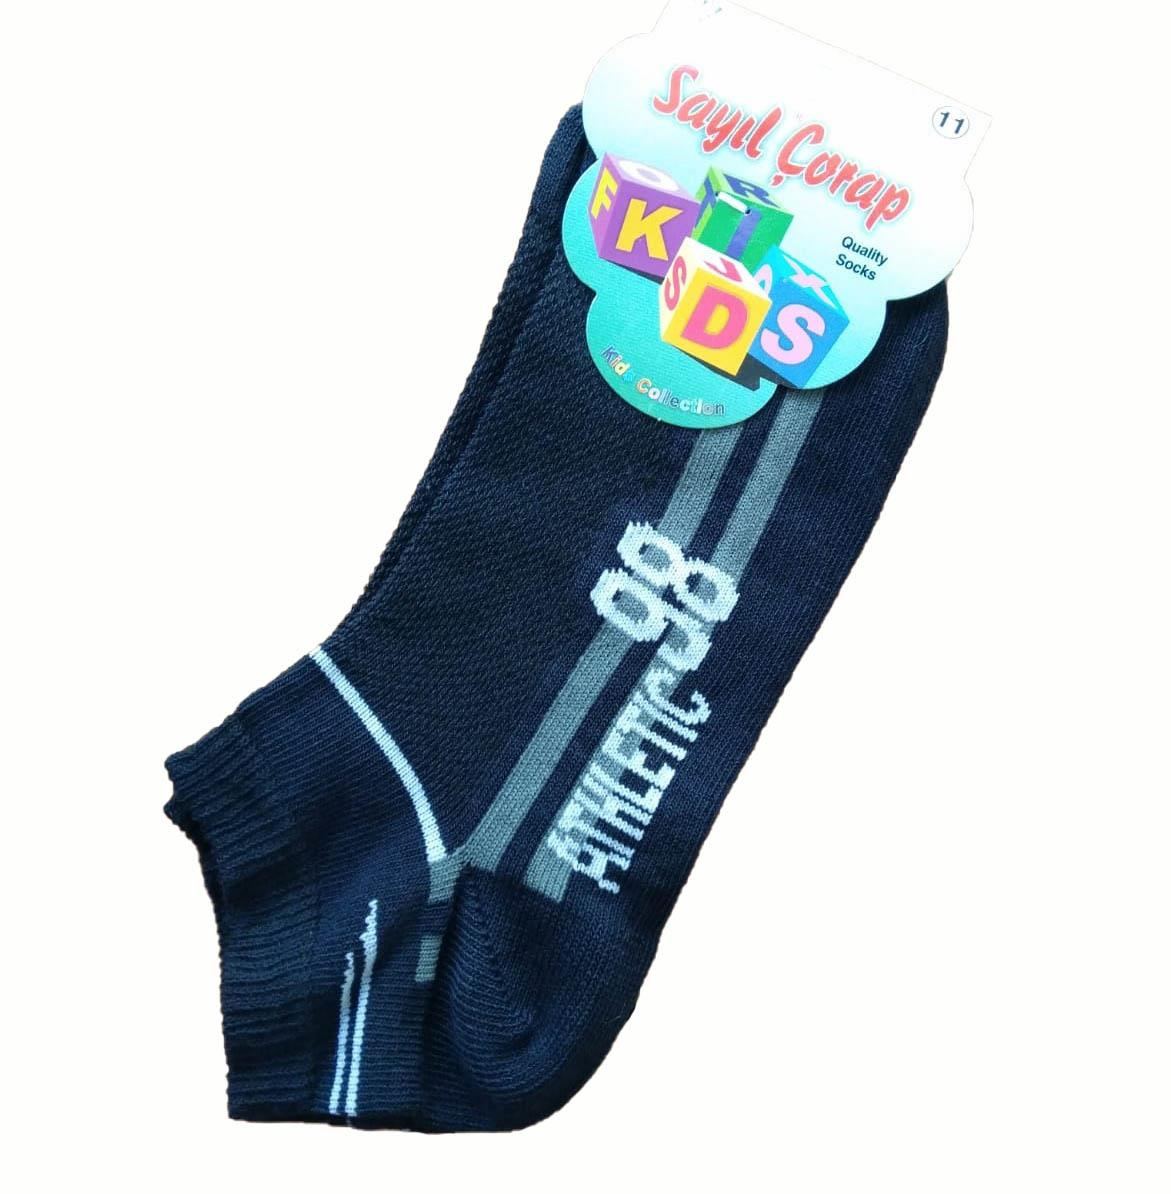 6 Çift Sayıl Erkek Çocuk Patik Çorap Kısa Çorap